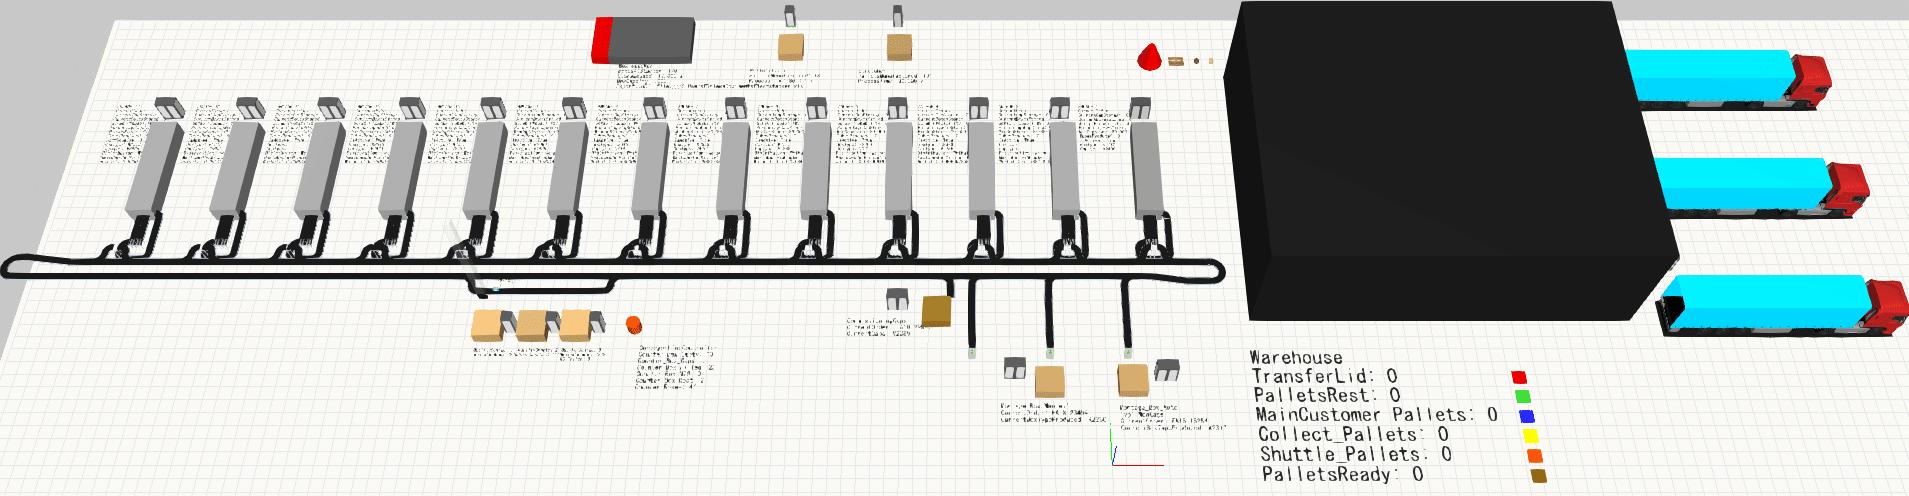 Tubing 4.0 - Simulation einer Greenfield Fab-Erweiterung